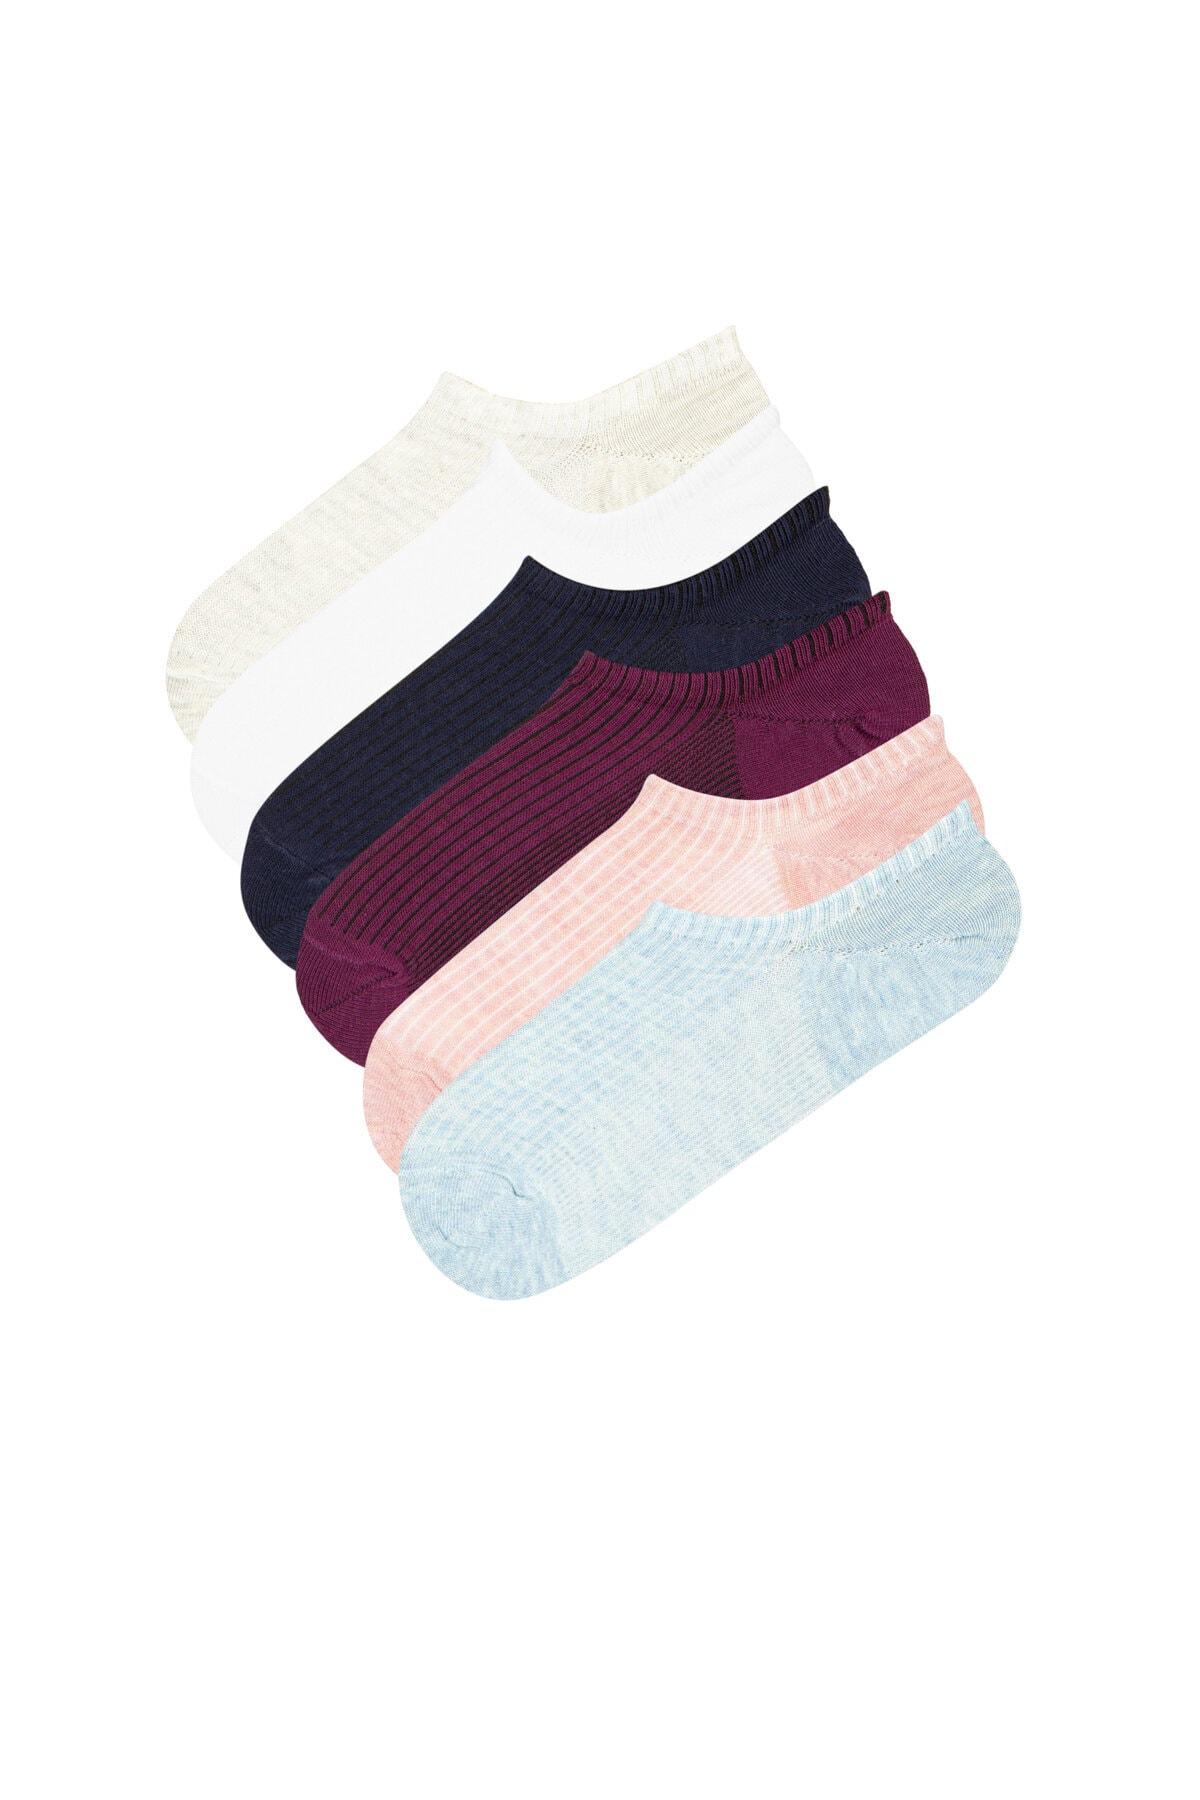 Penti Kadın Çok Renkli Grapes 6Li Babet Çorap